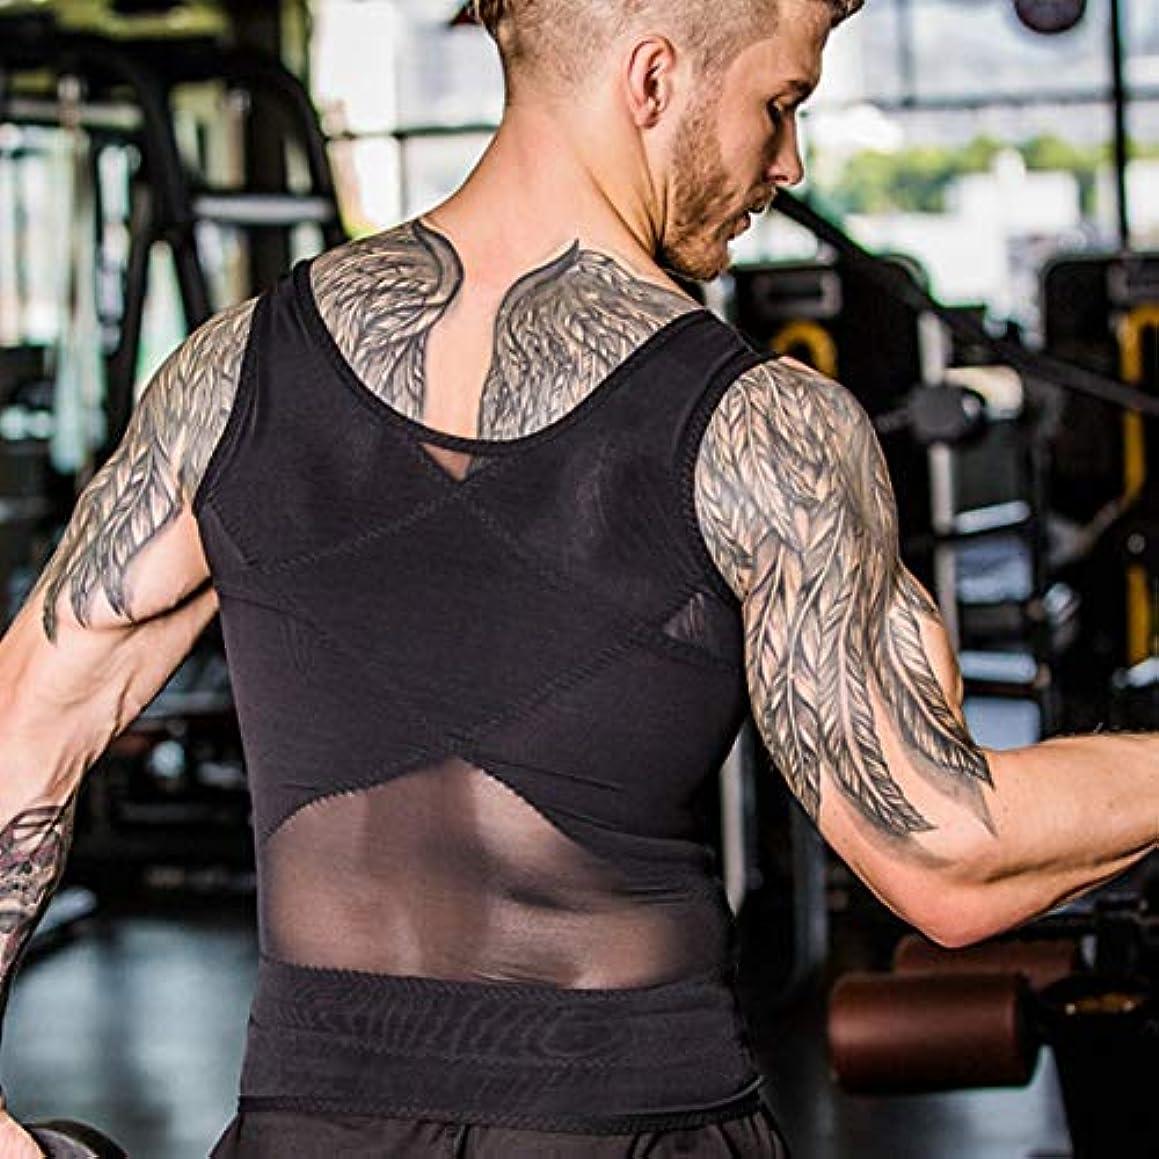 ポップ時間ペストリーボディ型ノースリーブベストボディシェイパーチューニング腹ウエストトレーナーコルセットトップス快適な下着服シェイプウェア(黒)